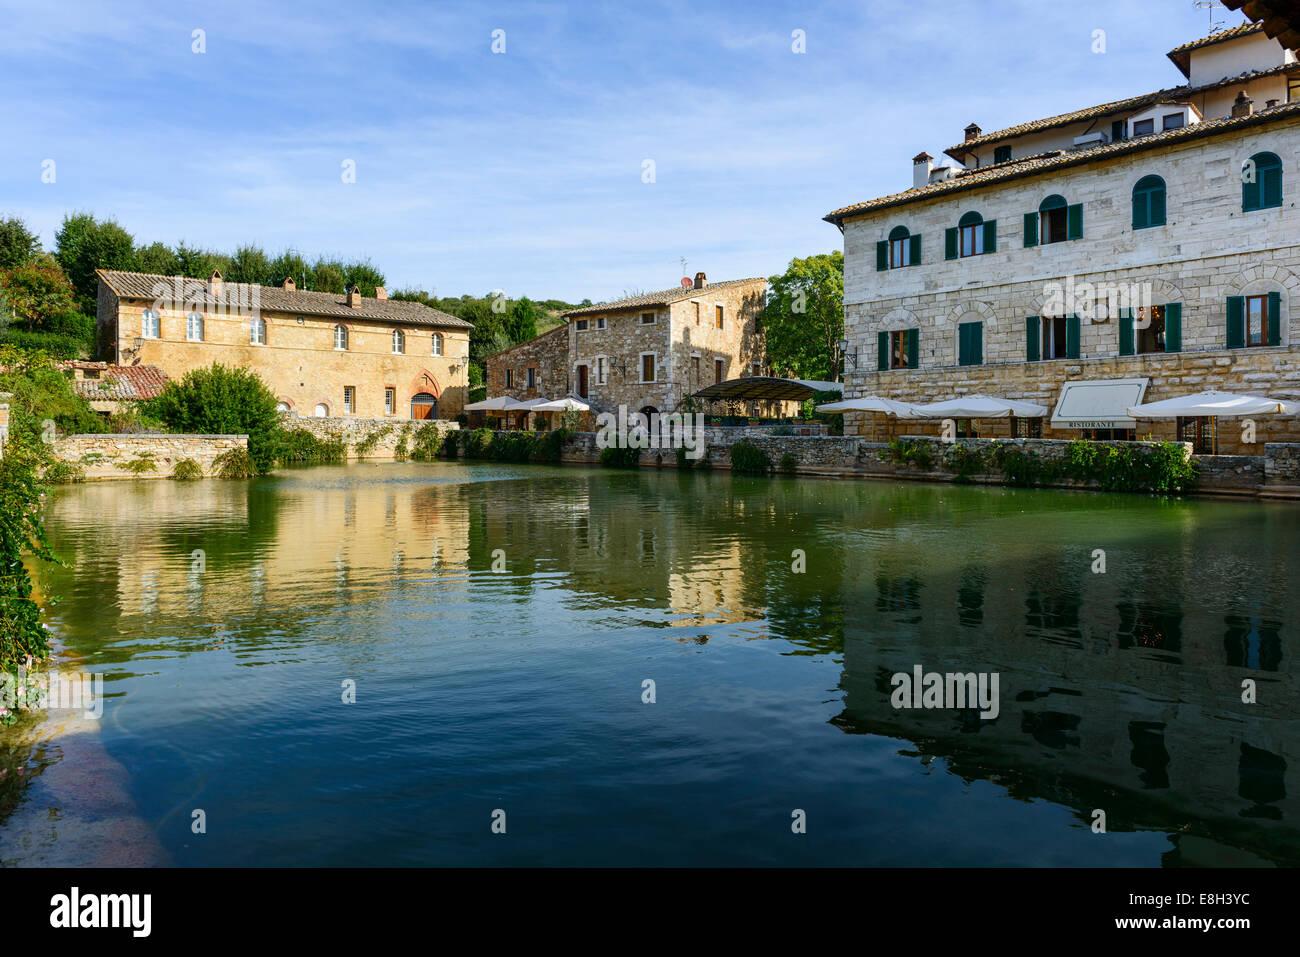 Toscana bagno vignoni piazza delle sorgente e la piscina termale